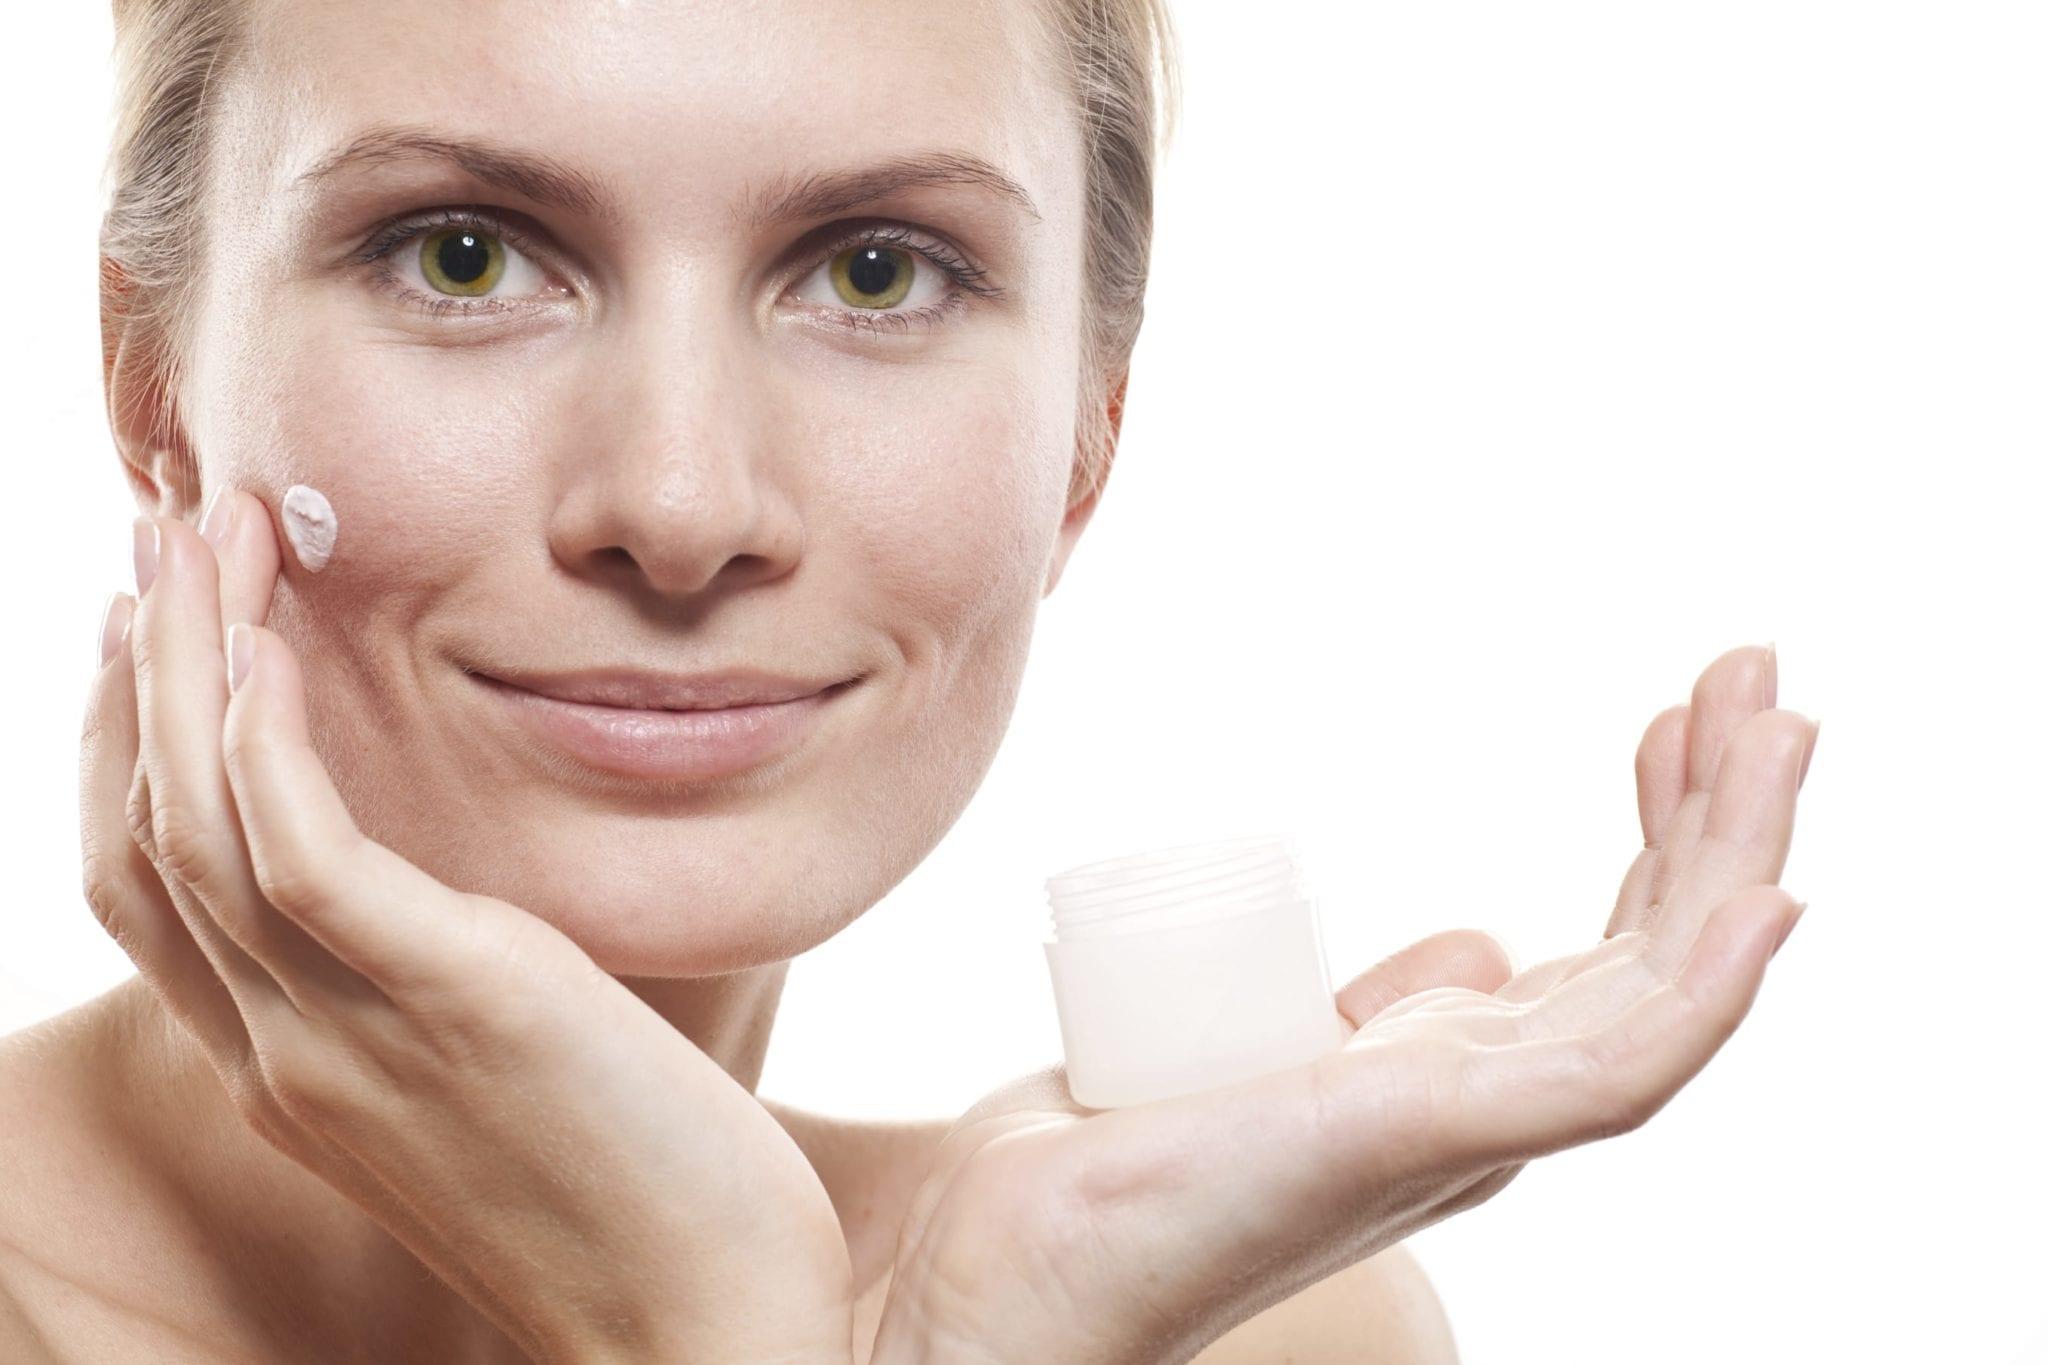 La beauty routine autunnale perfetta per viso, corpo e capelli